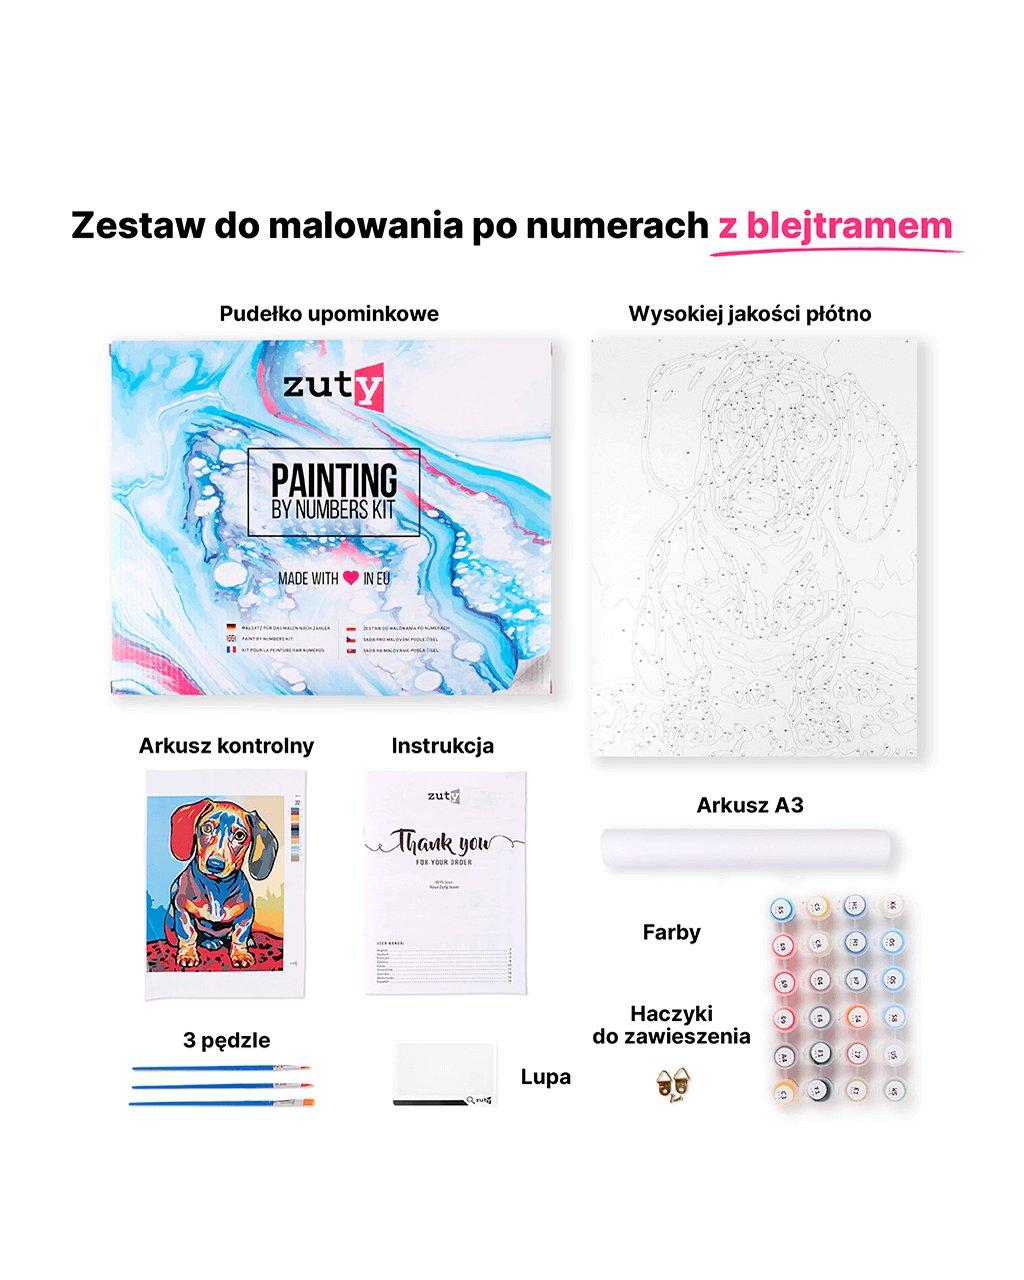 Malowanie po numerach – Zdziwiony pies